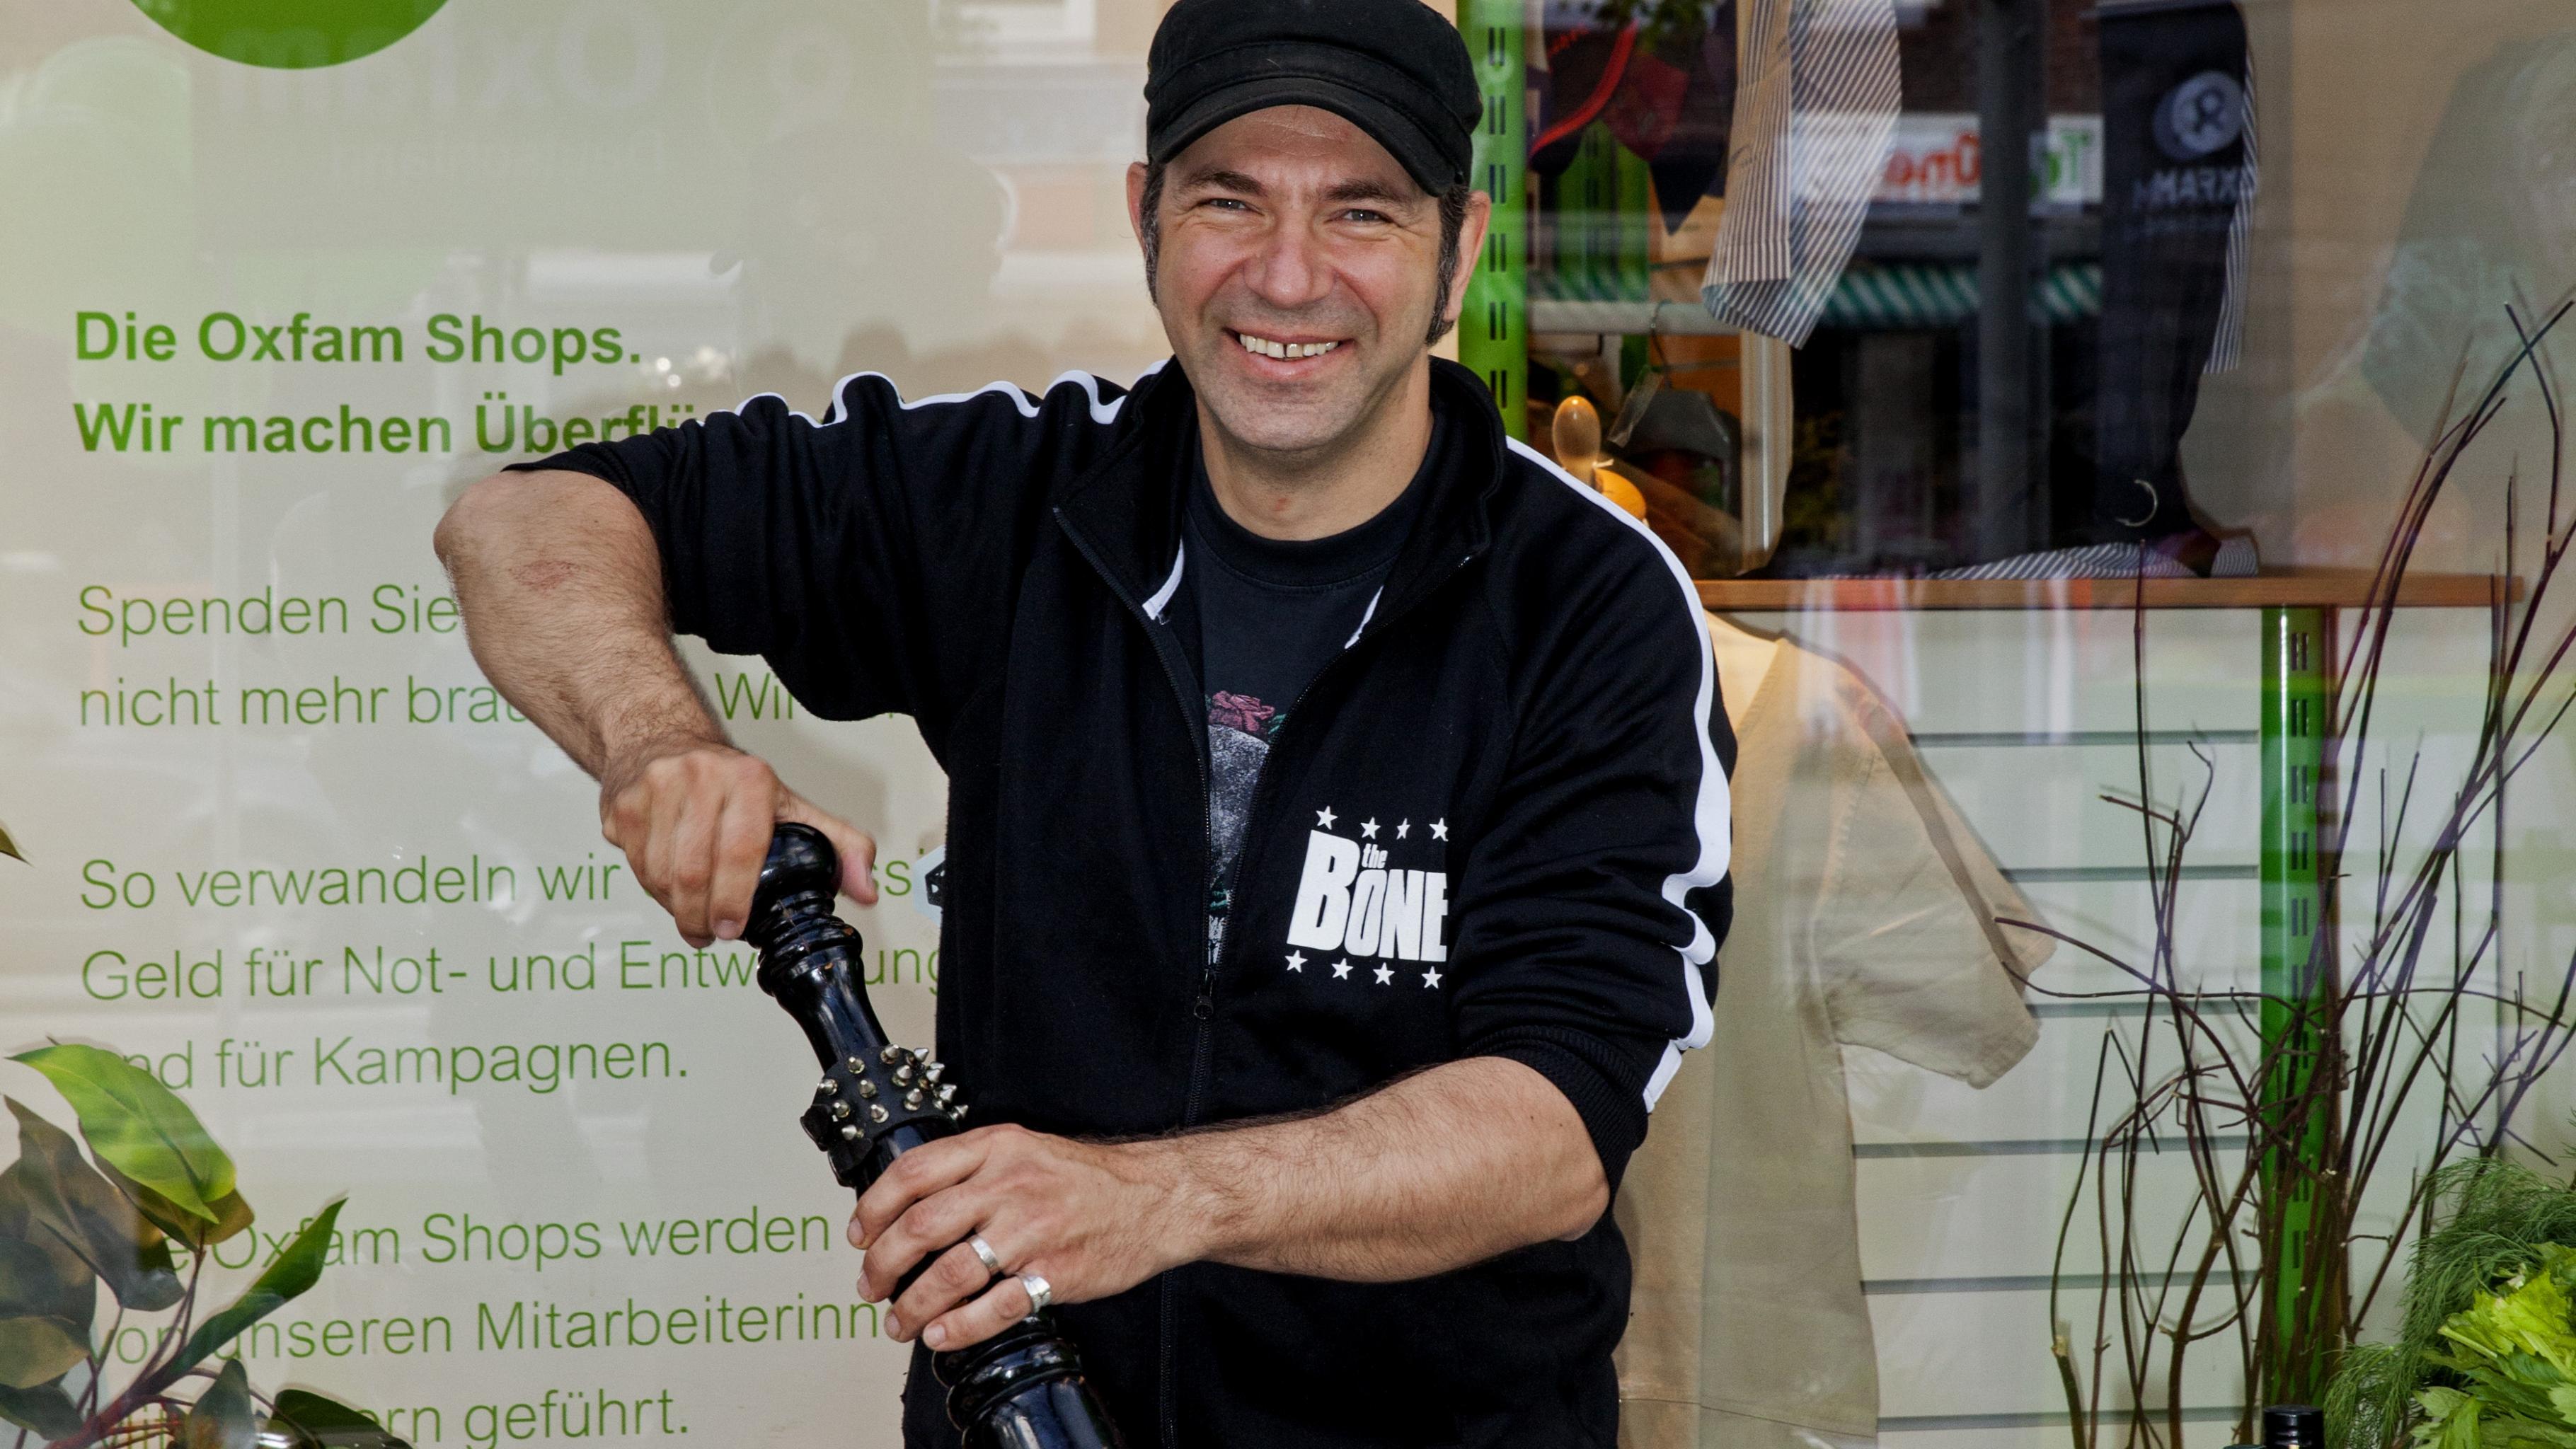 Ole Plogstedt rührt ein Rezept am Oxfam-Stand an.